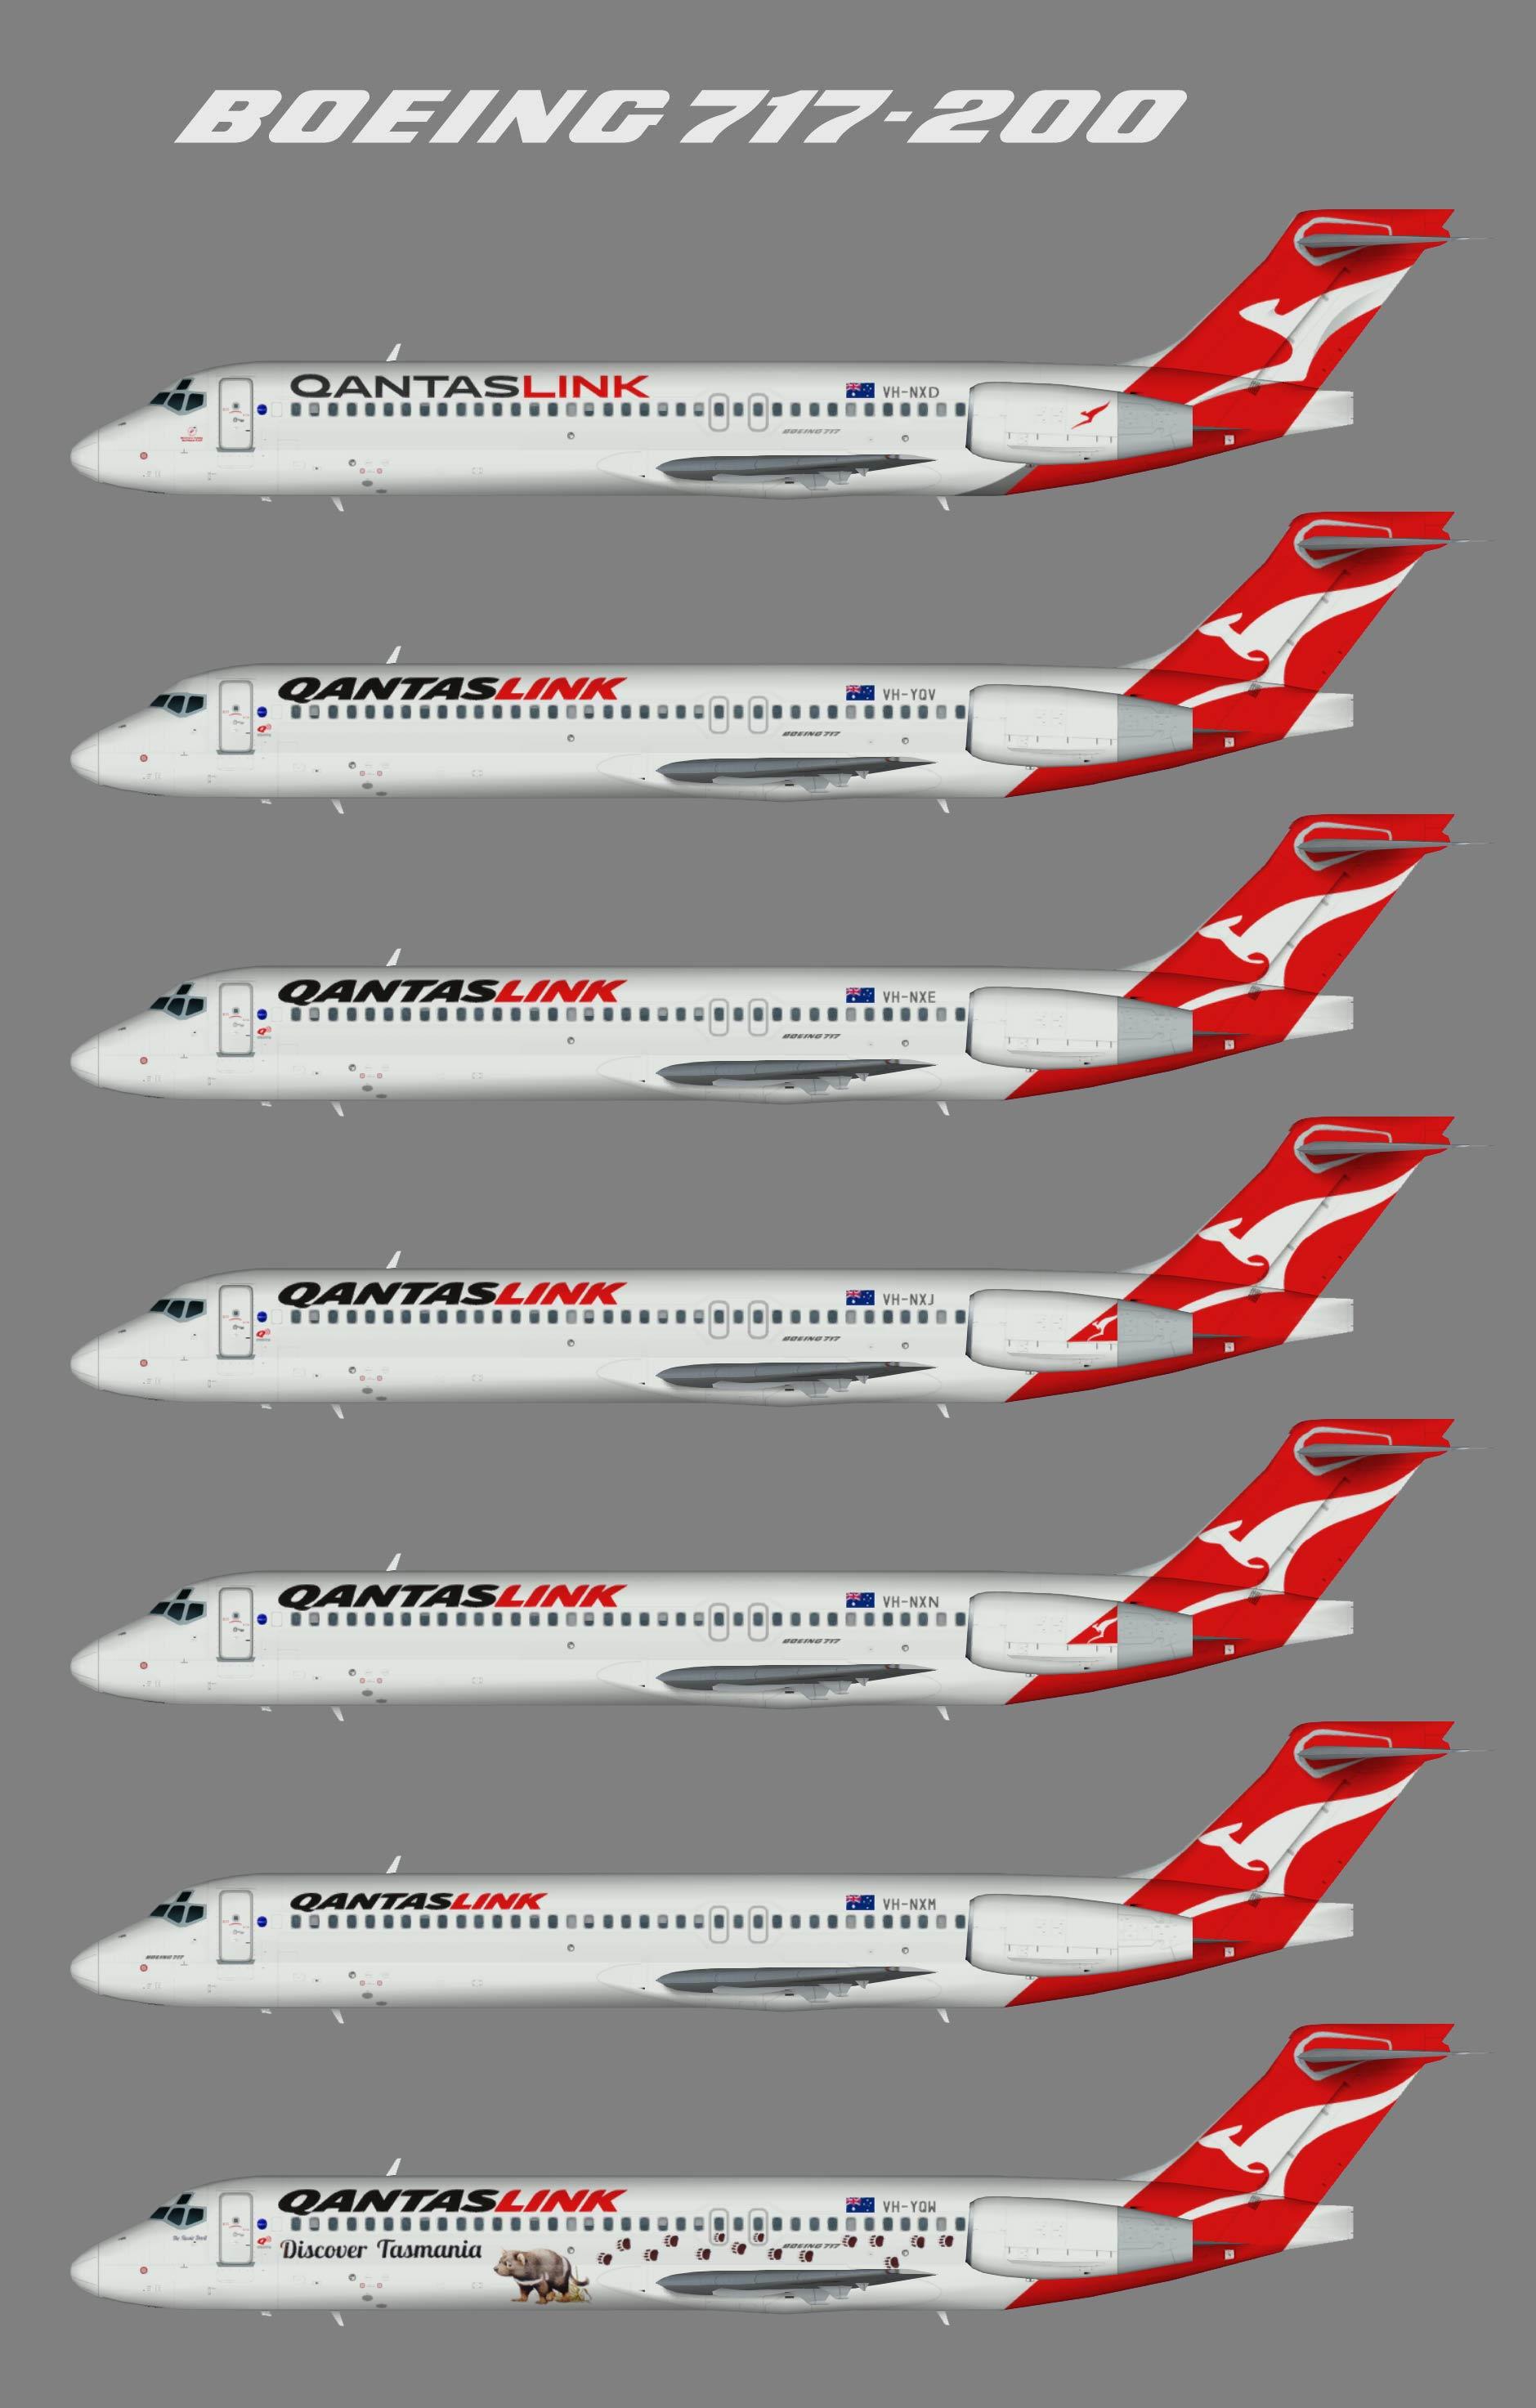 Qantaslink Boeing 717-200